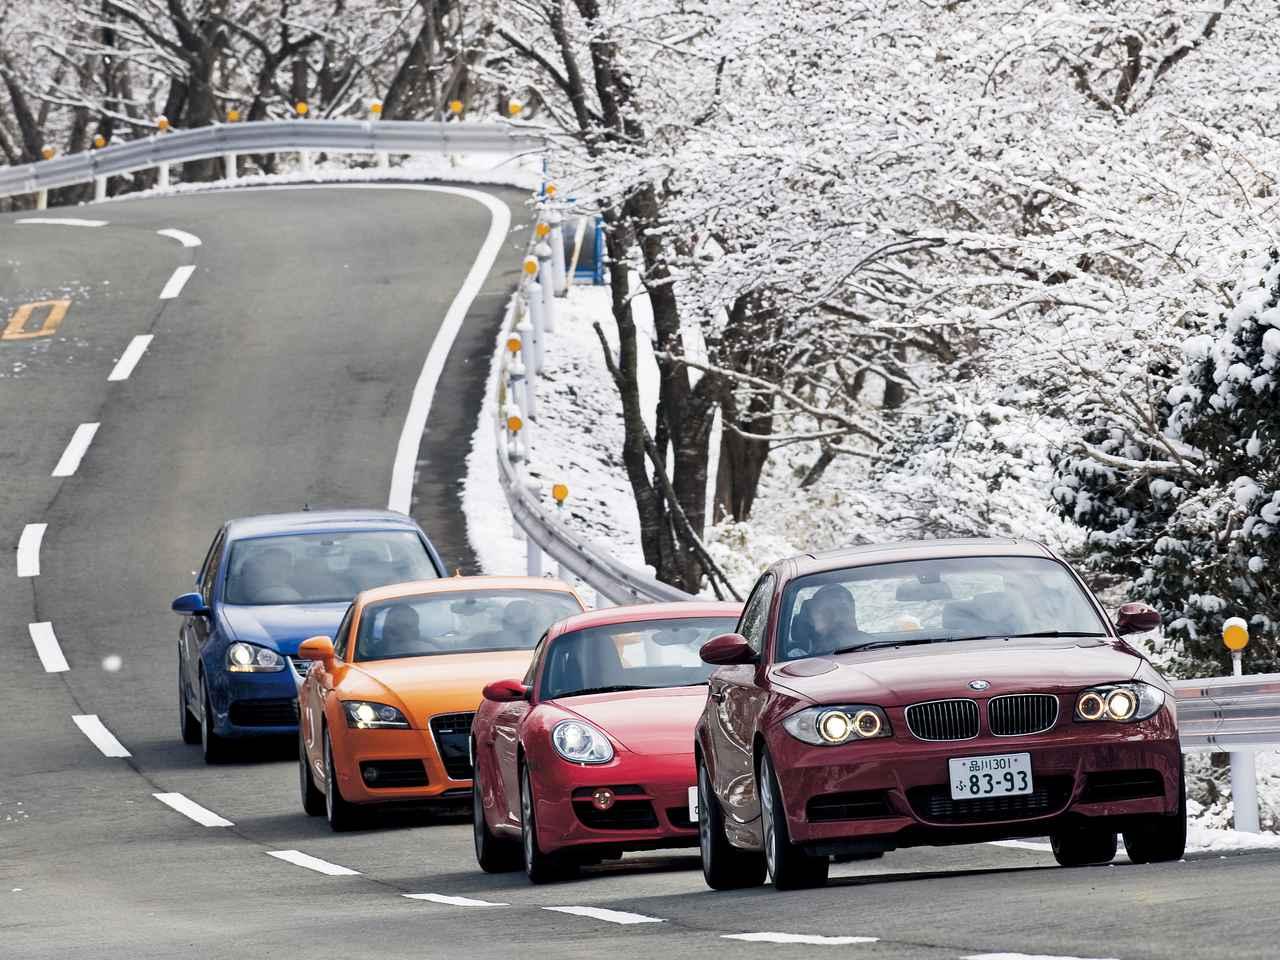 【ヒットの法則423】BMW135iクーぺとケイマンS/アウディTTクーペ/ゴルフR32を徹底比較してわかったこと!